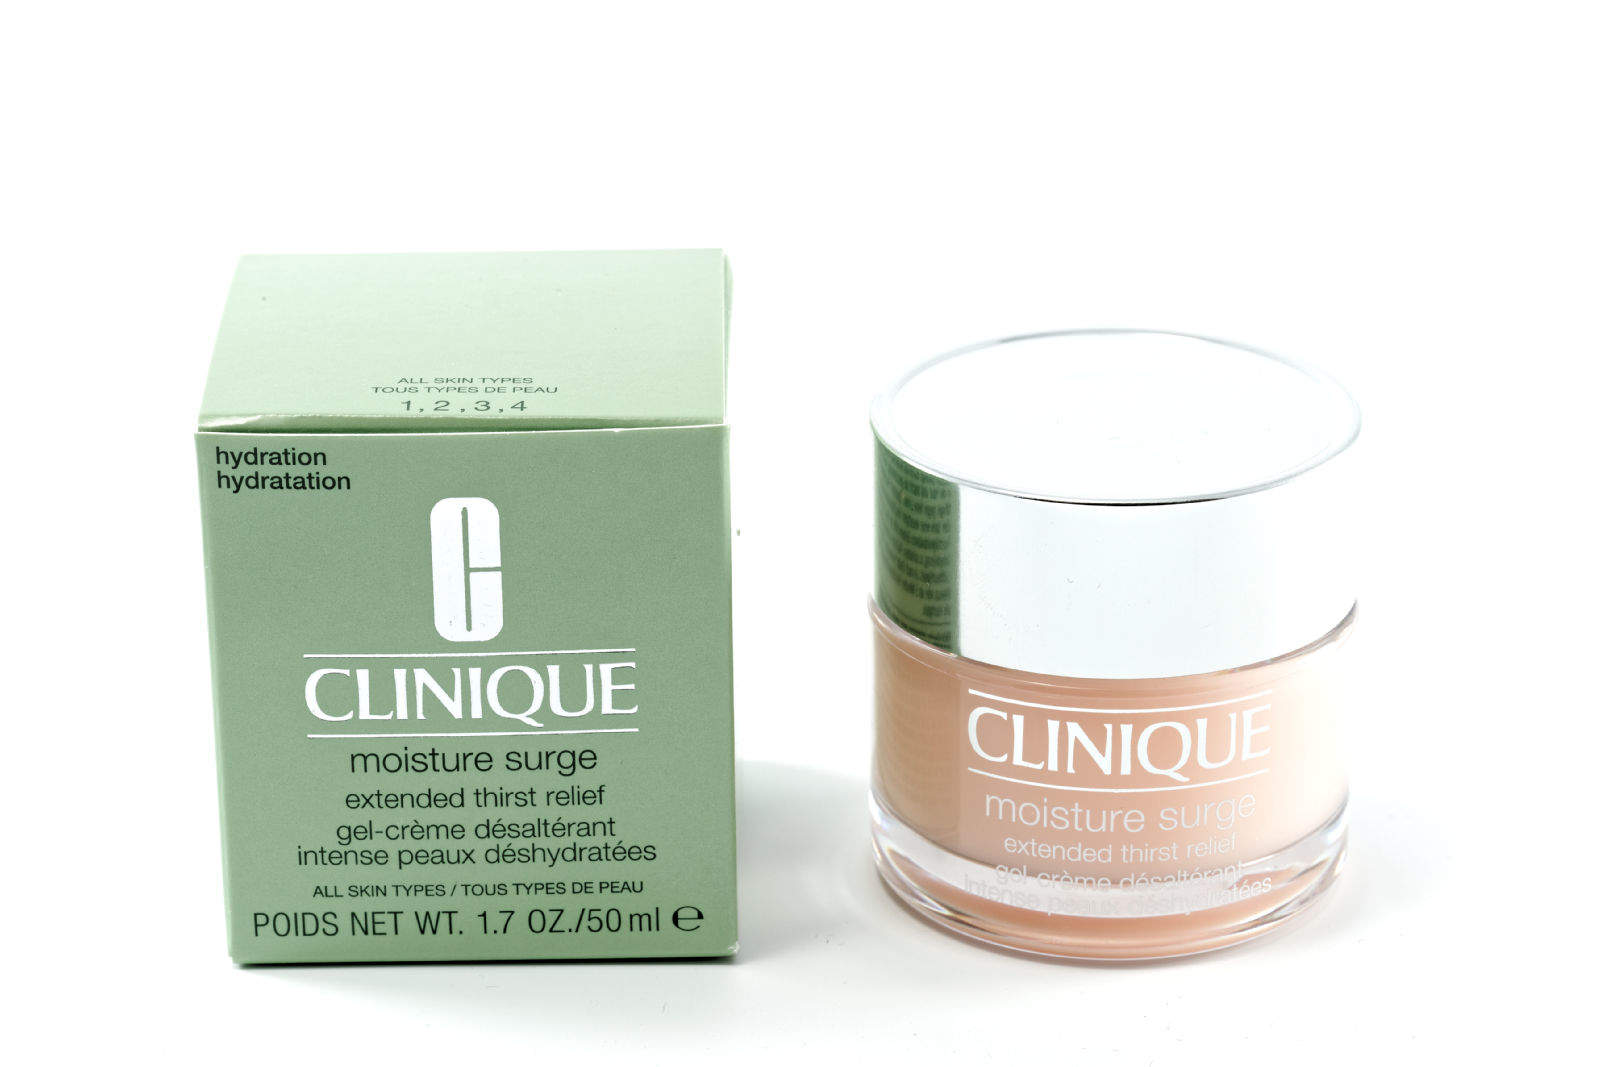 Moisture Surge by Clinique